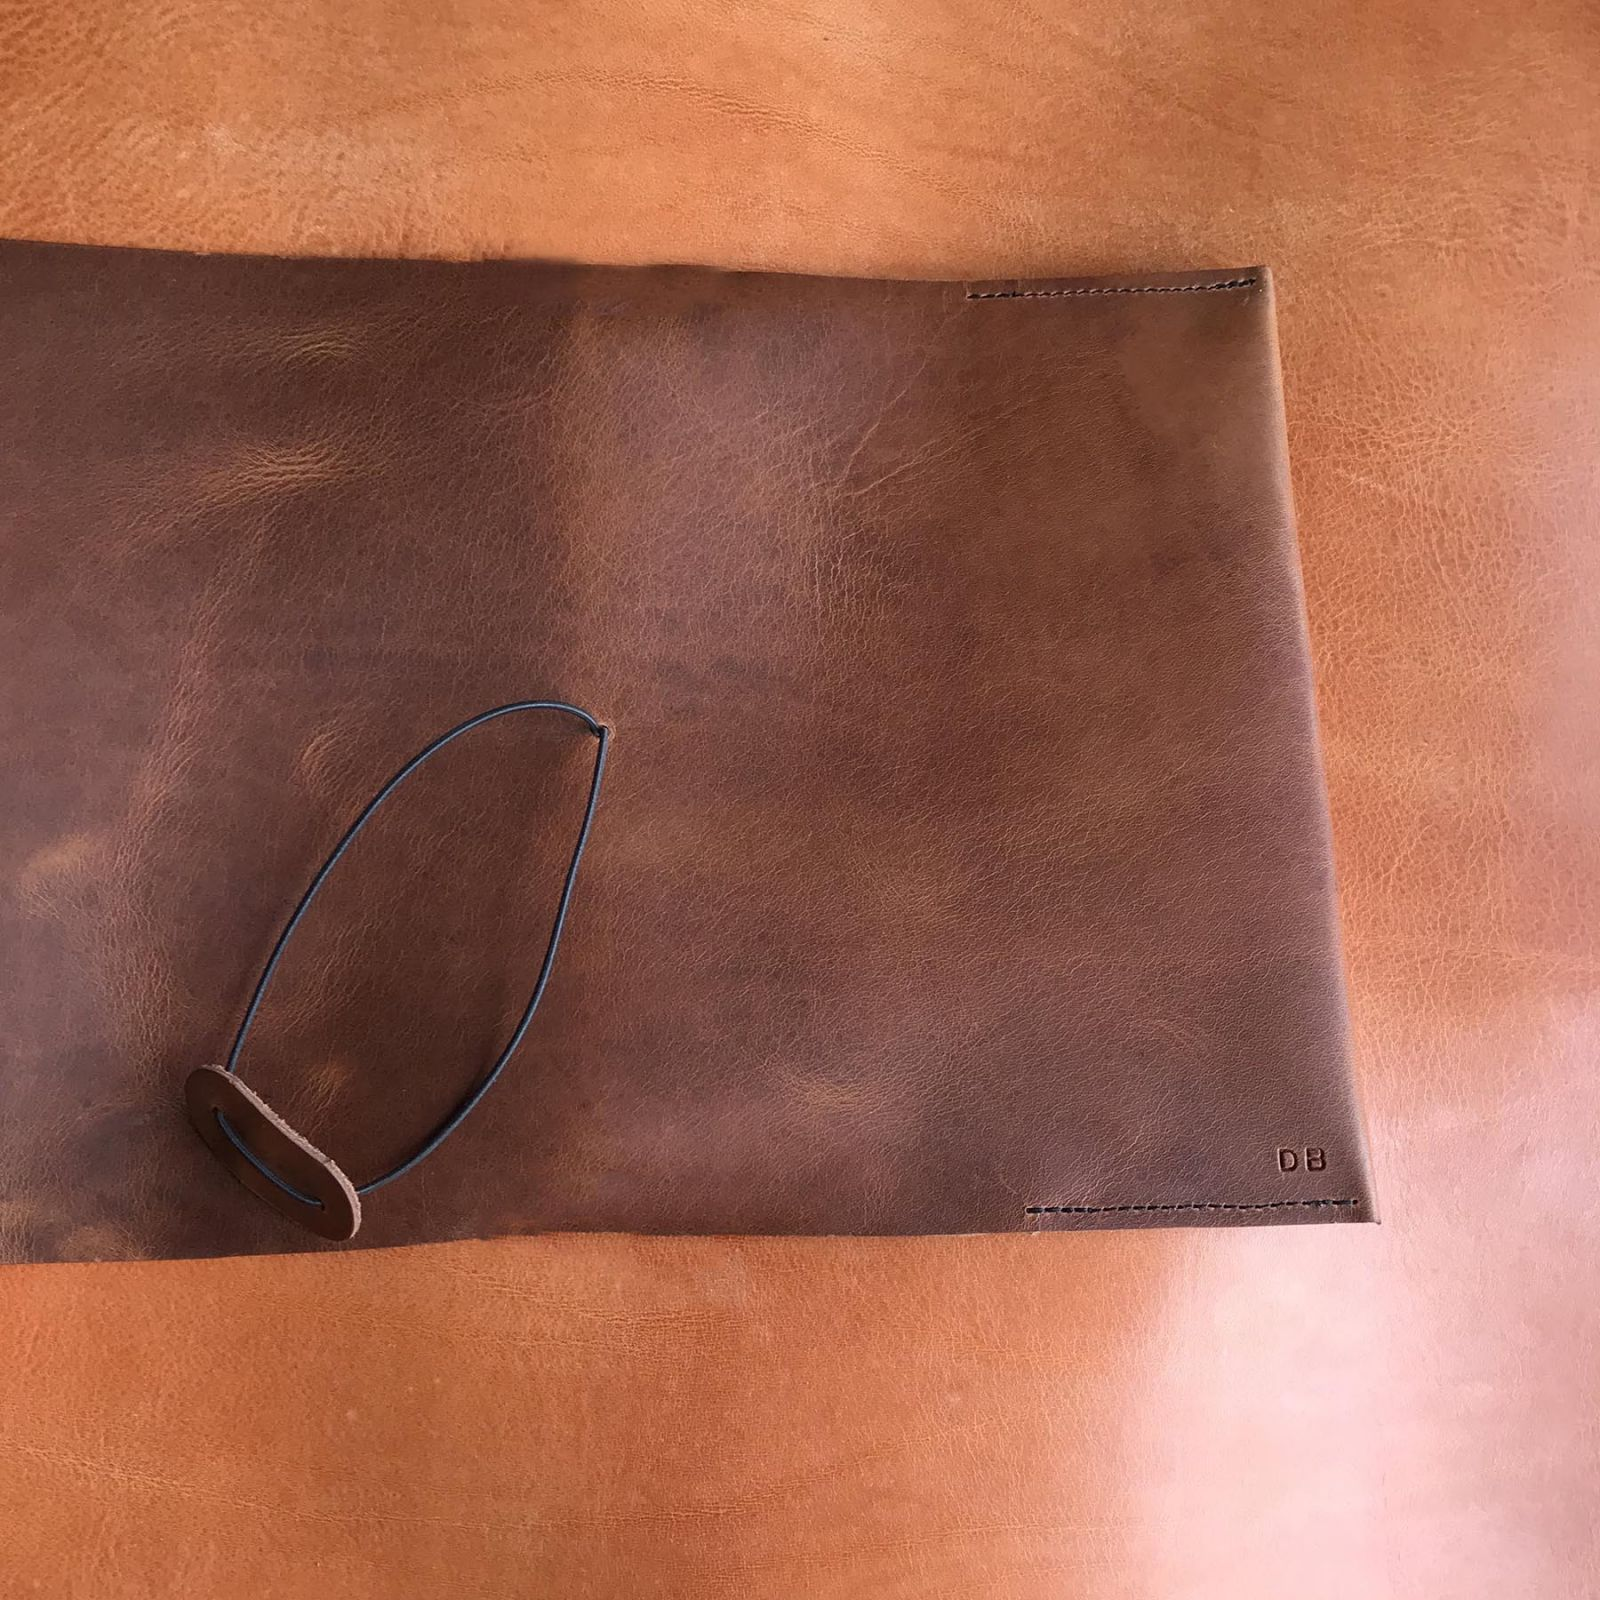 ruda vyriska odine uzrasine odinis dienorastis ranku dabo naturalio odos  vyrams  dovanos vyrui vaikinui broliui gimtadienio proga 23